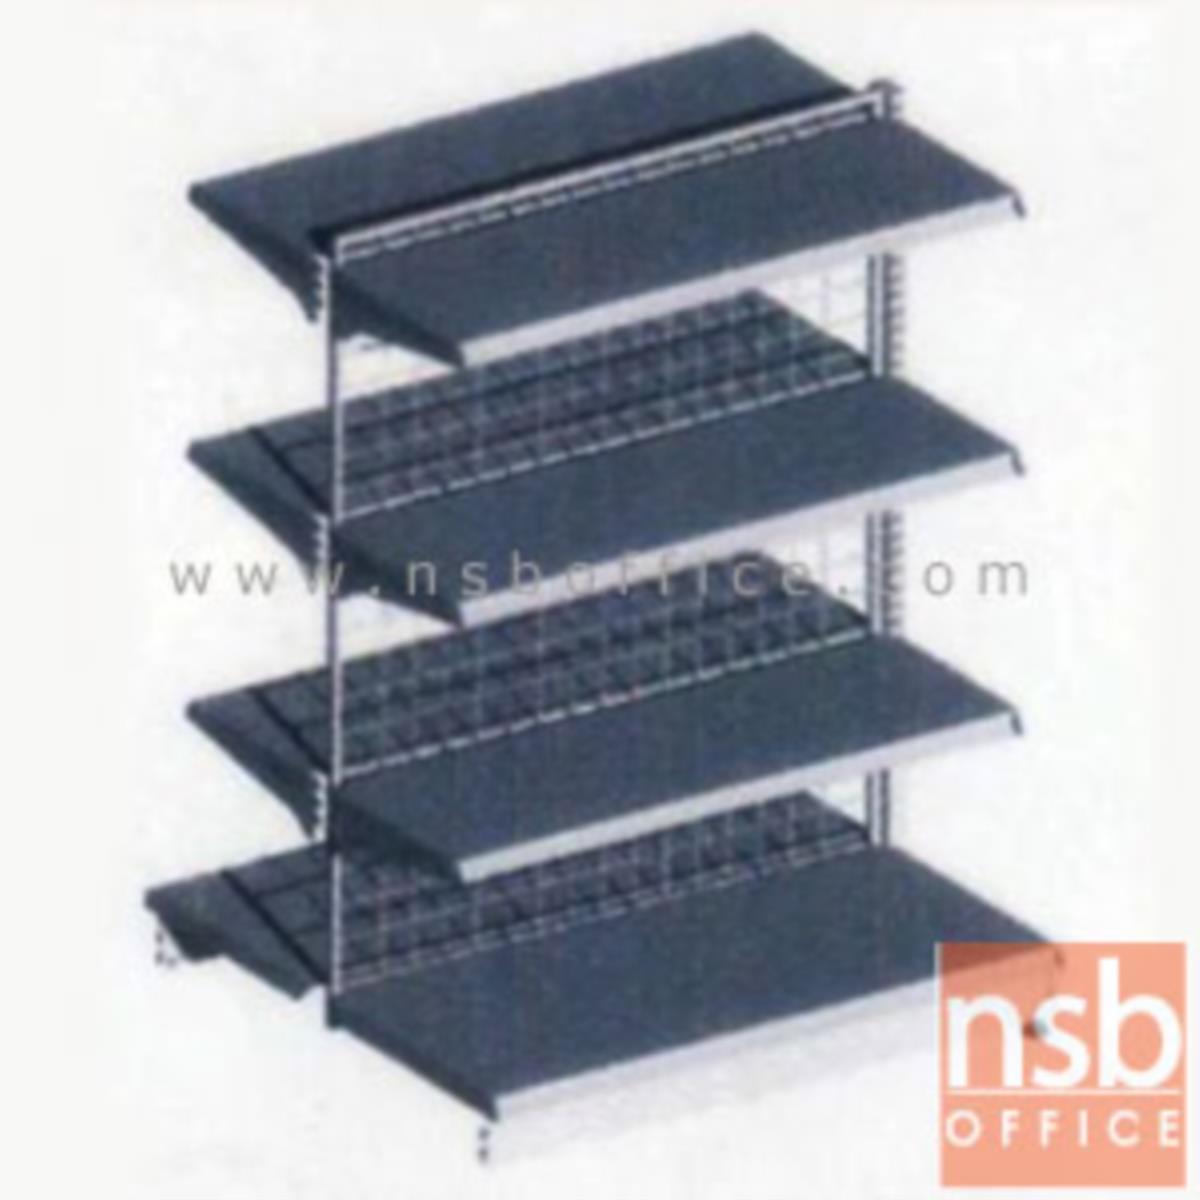 ชั้นเหล็กซุปเปอร์มาร์เก็ต สูง 150 cm. หนา 0.5 mm. 2 หน้า 4+4 แผ่นชั้น รุ่น CK-F2 แบบตัวตั้งและตัวต่อ